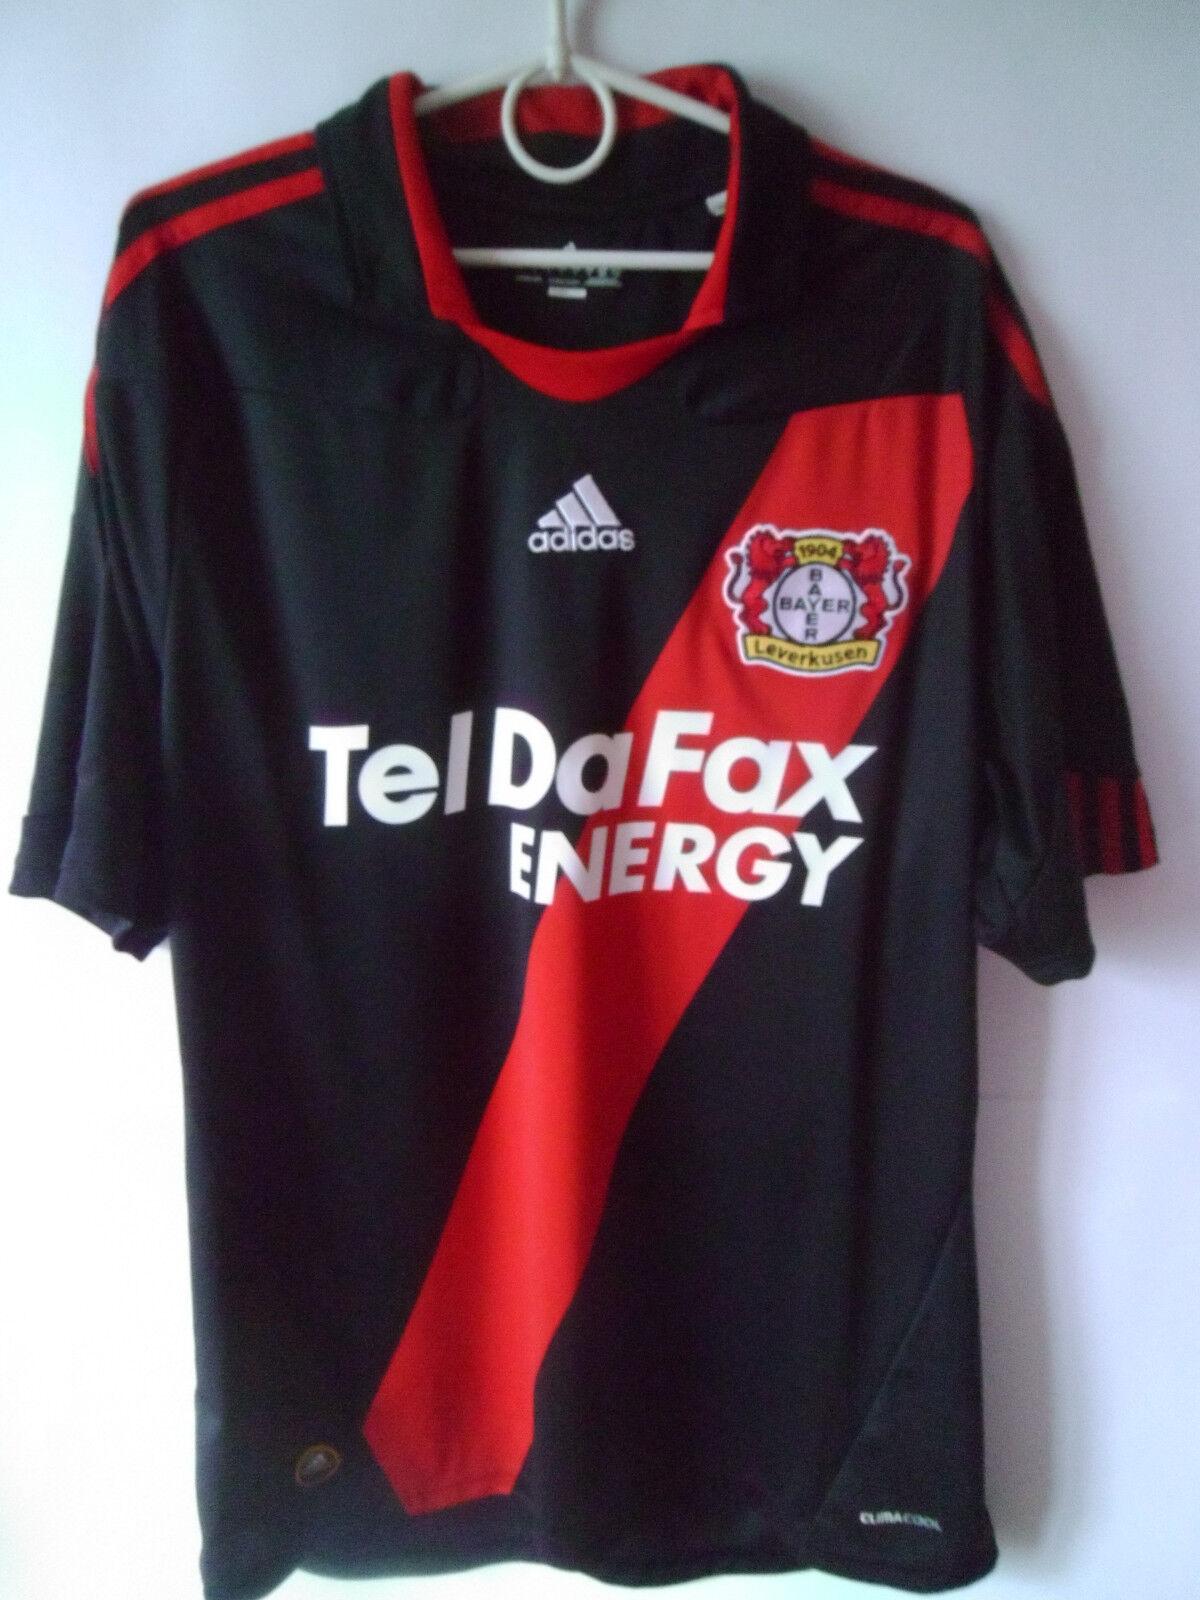 Shirt Qualität gute Sehr | L Trikot Jersey Home Leverkusen